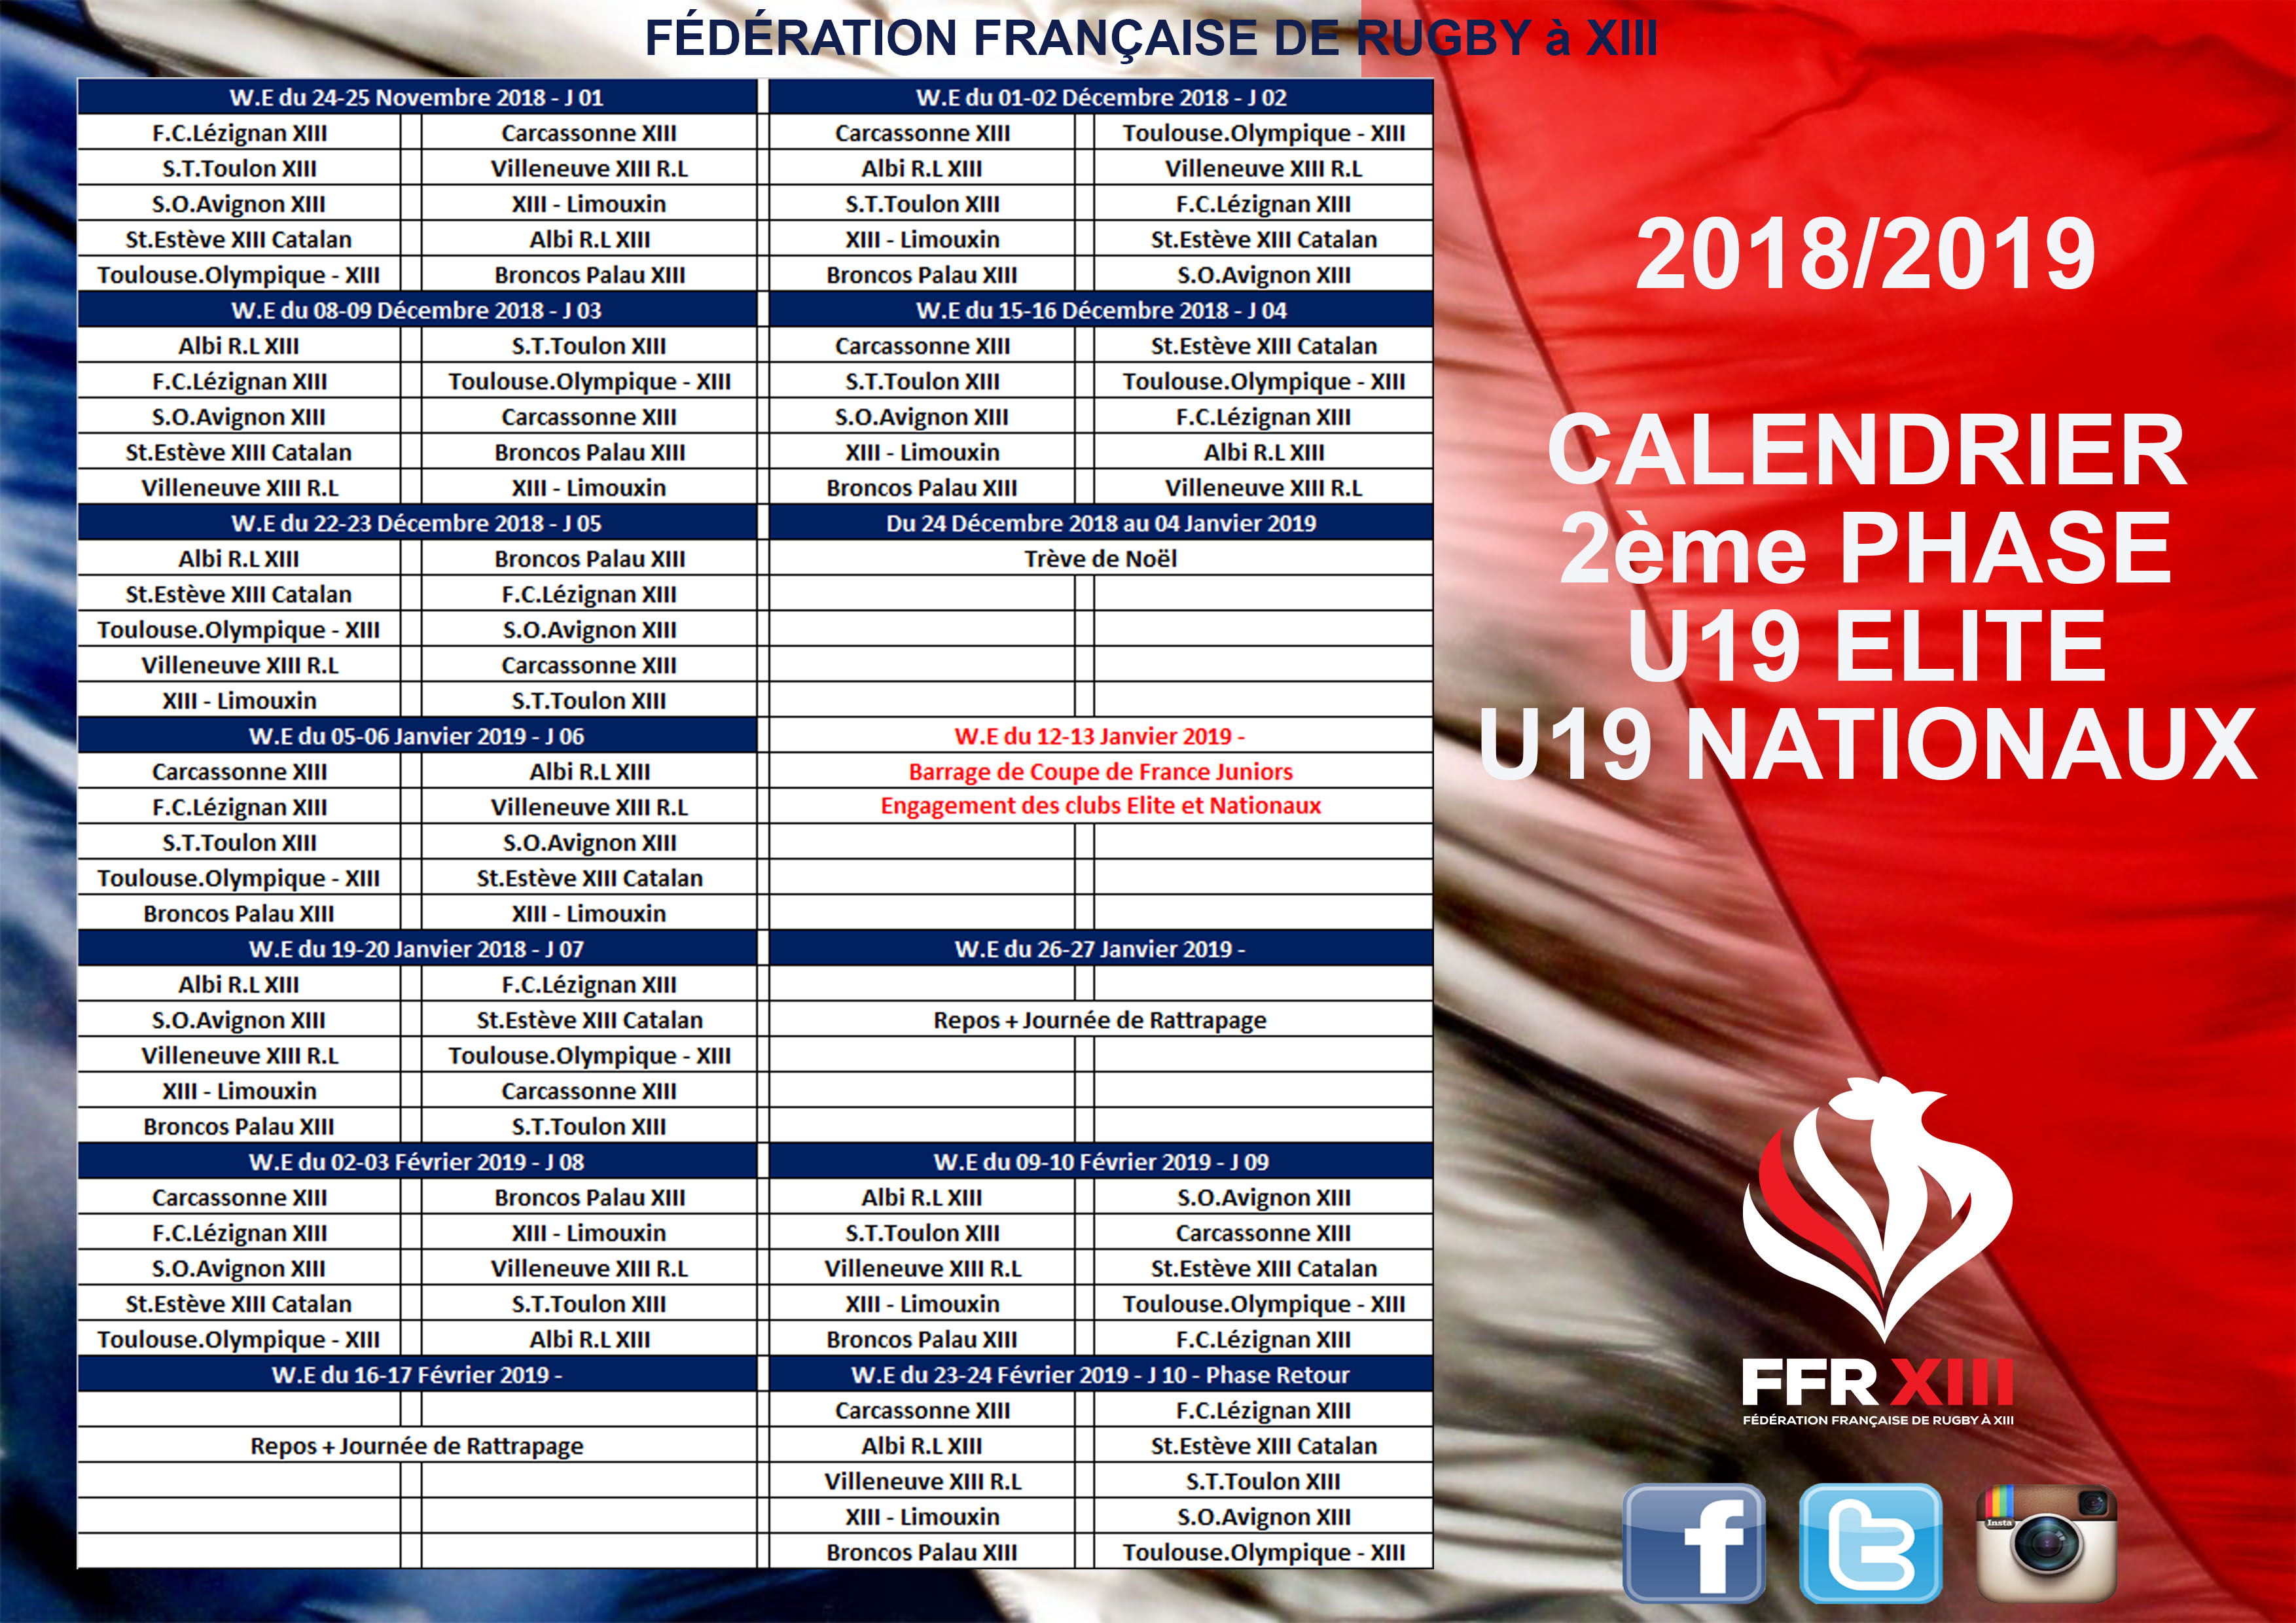 Coupe Du Monde Des Clubs 2020 Calendrier.Calendrier Phase 2 U19 Elite Nationaux Federation